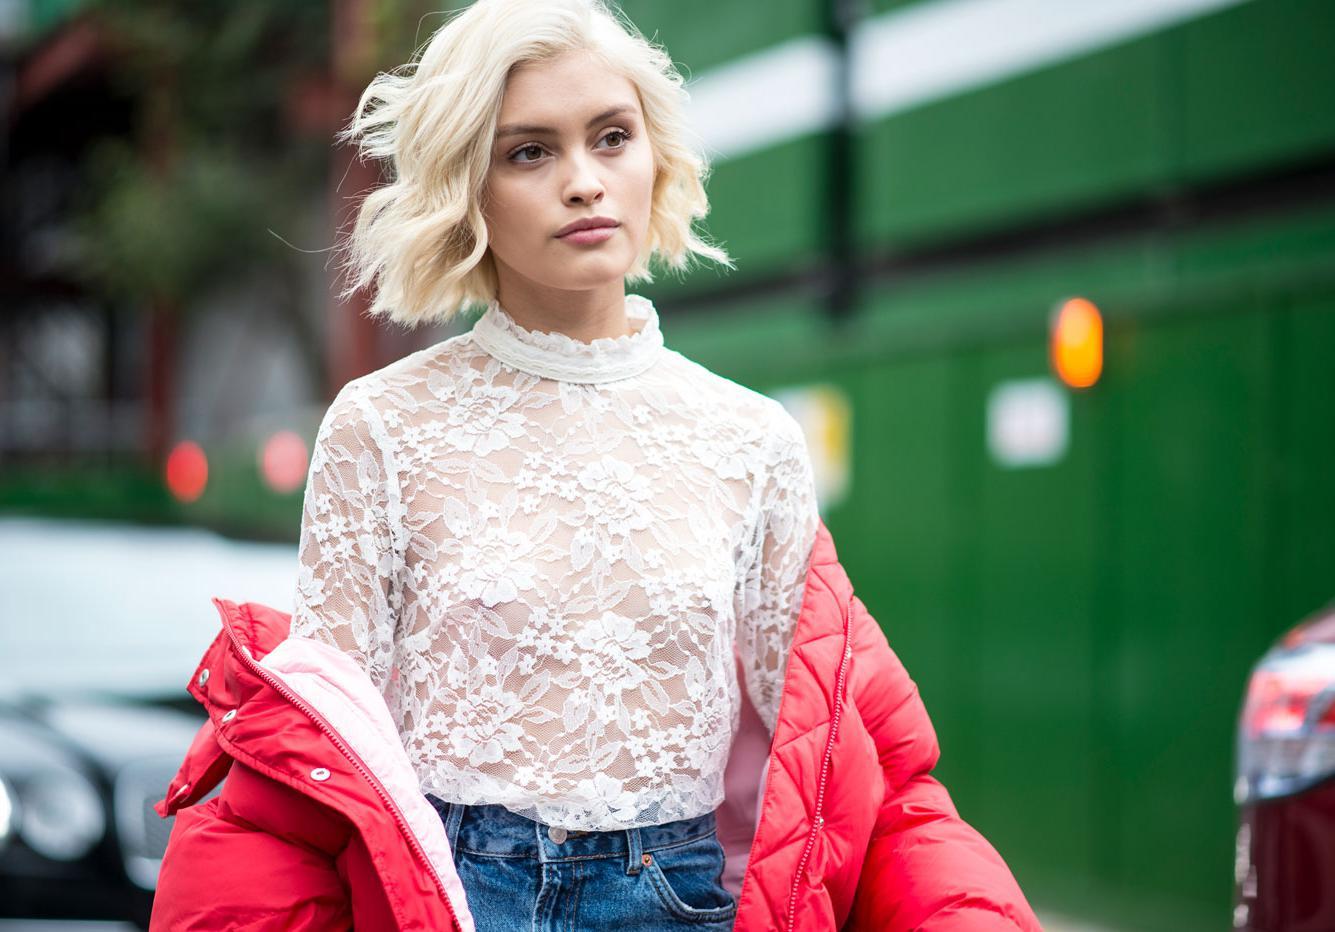 Les 15 tendances mode incontournables de l 39 hiver 2017 elle - Style hiver 2017 ...